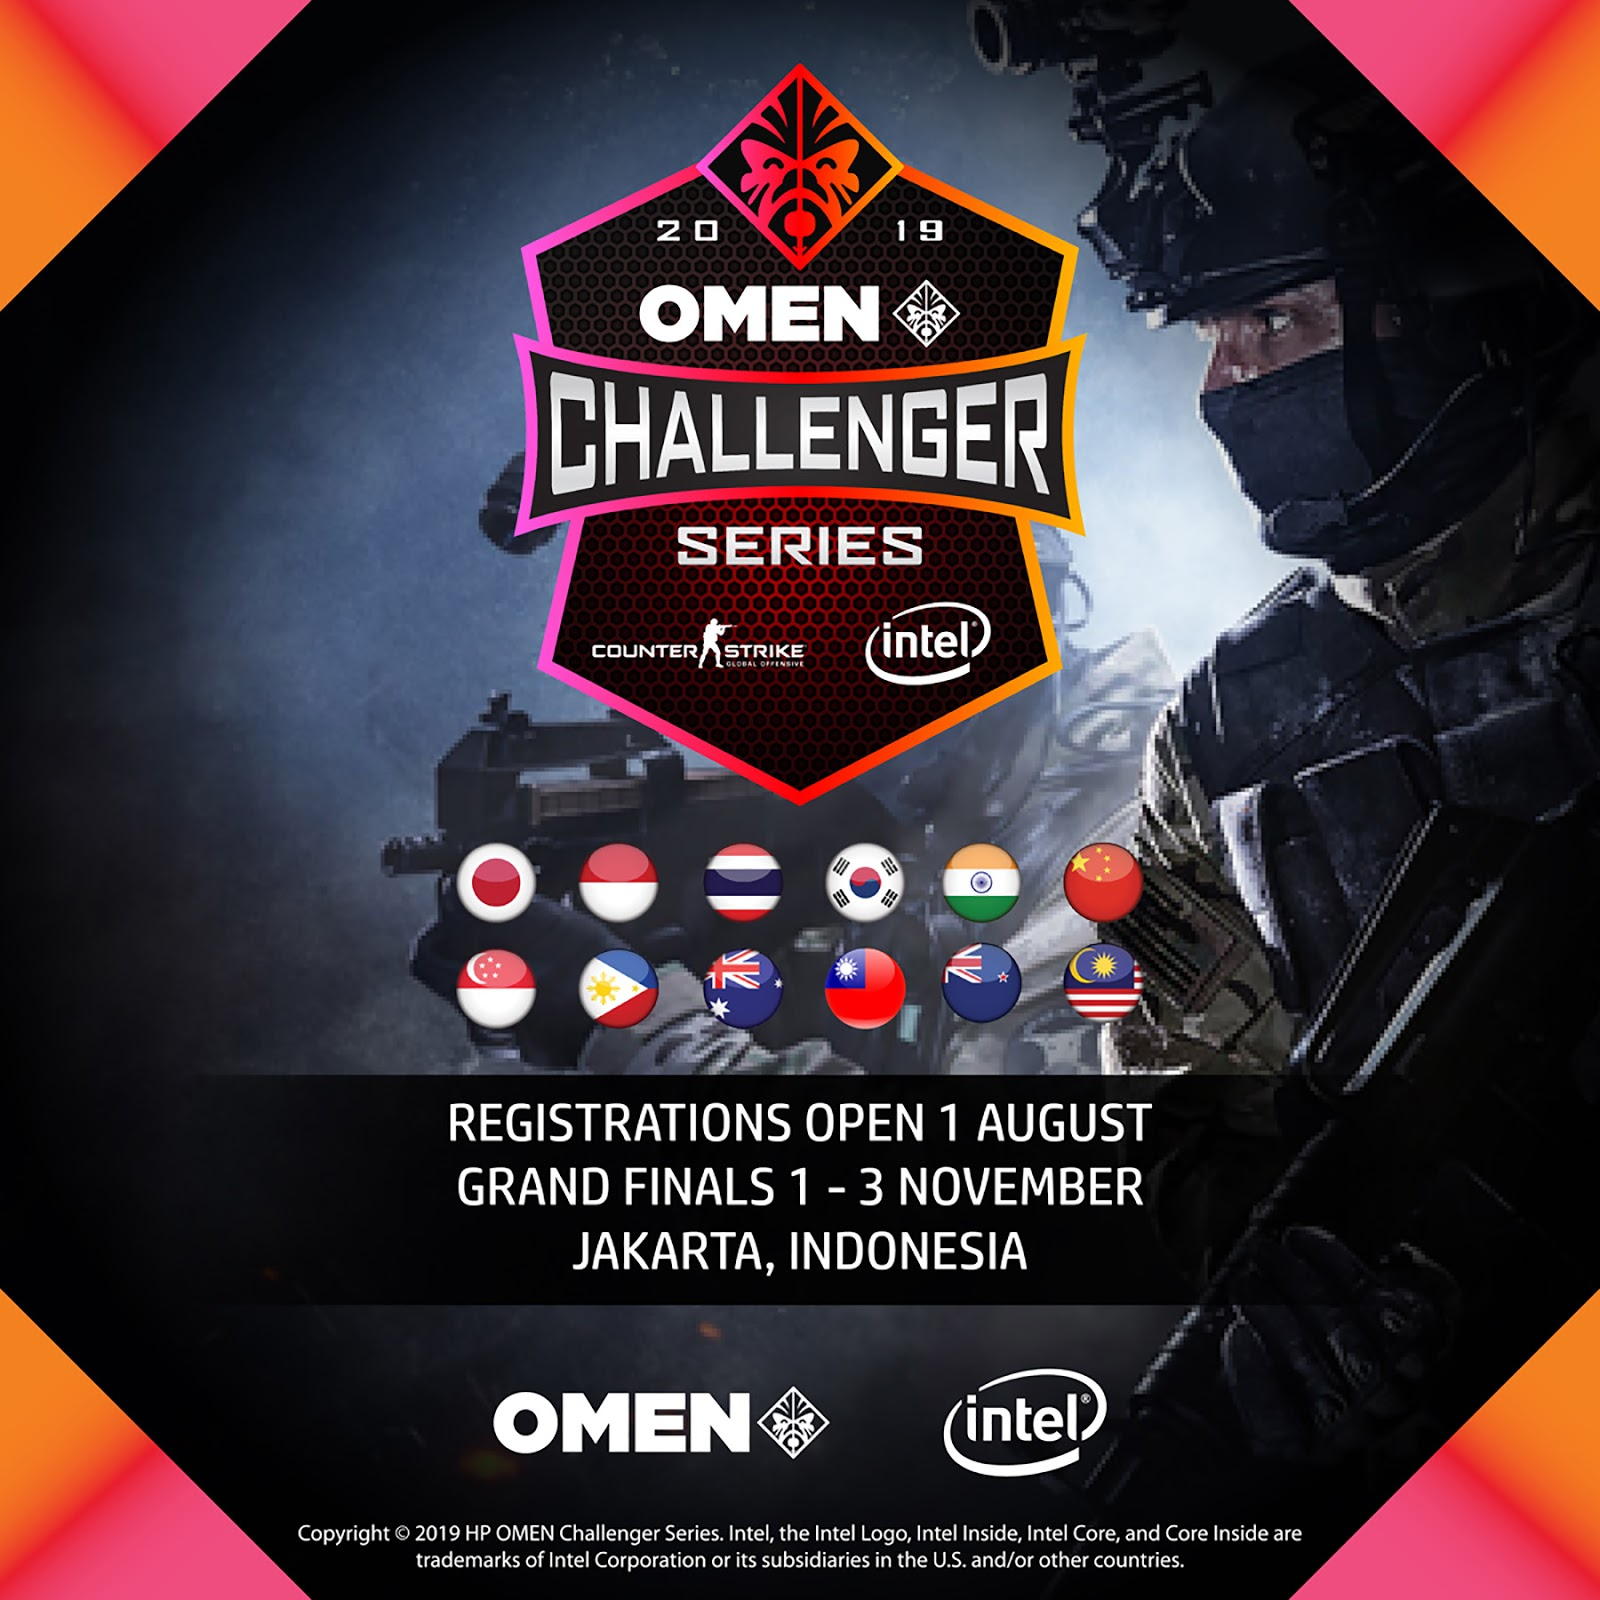 OMEN Challenger Series การแข่งขันอีสปอร์ตในภูมิภาคเอเชีย-แปซิฟิก กลับมาอีกครั้งในเกมการแข่งขัน Counter-Strike: GO และ DOTA 2 OMEN Challenger Series returns to Asia Pacific with Counter-Strike: GO and DOTA 2 Esports Tournament